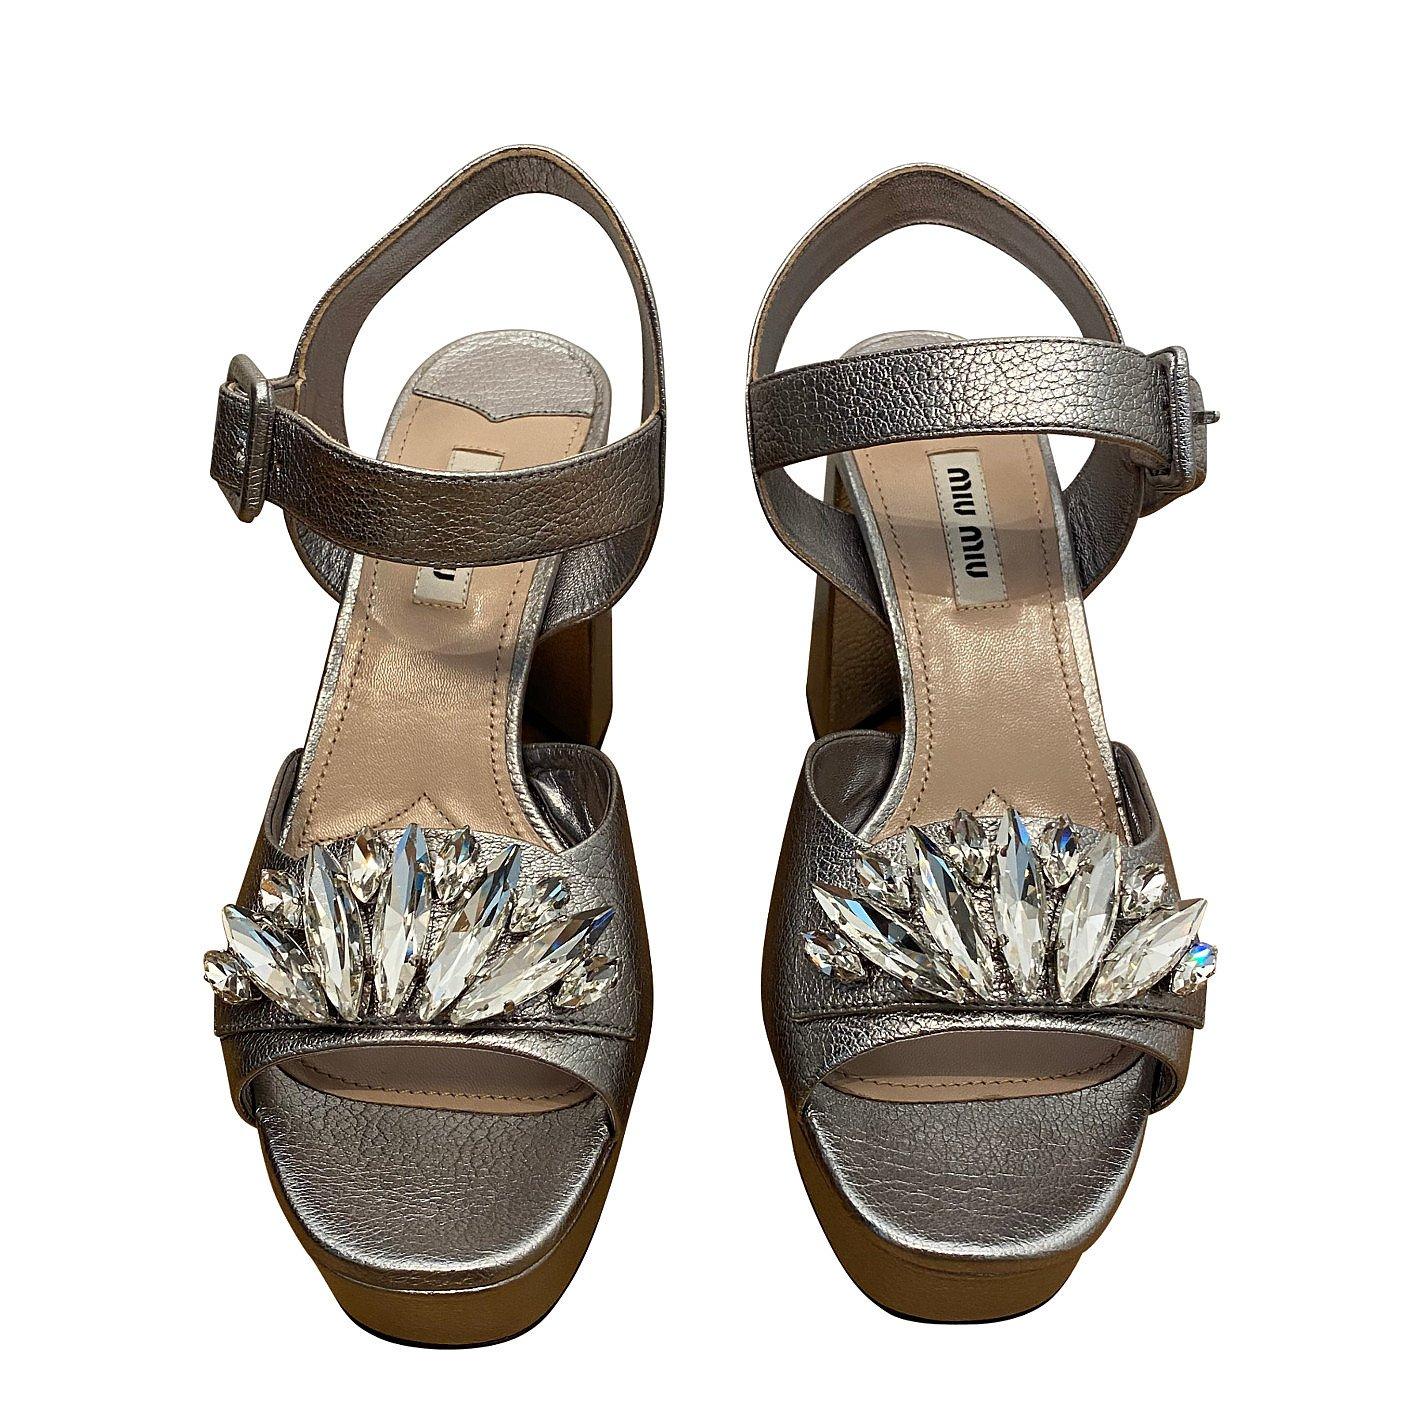 Miu Miu Metallic Block-Heel Jewelled Sandals